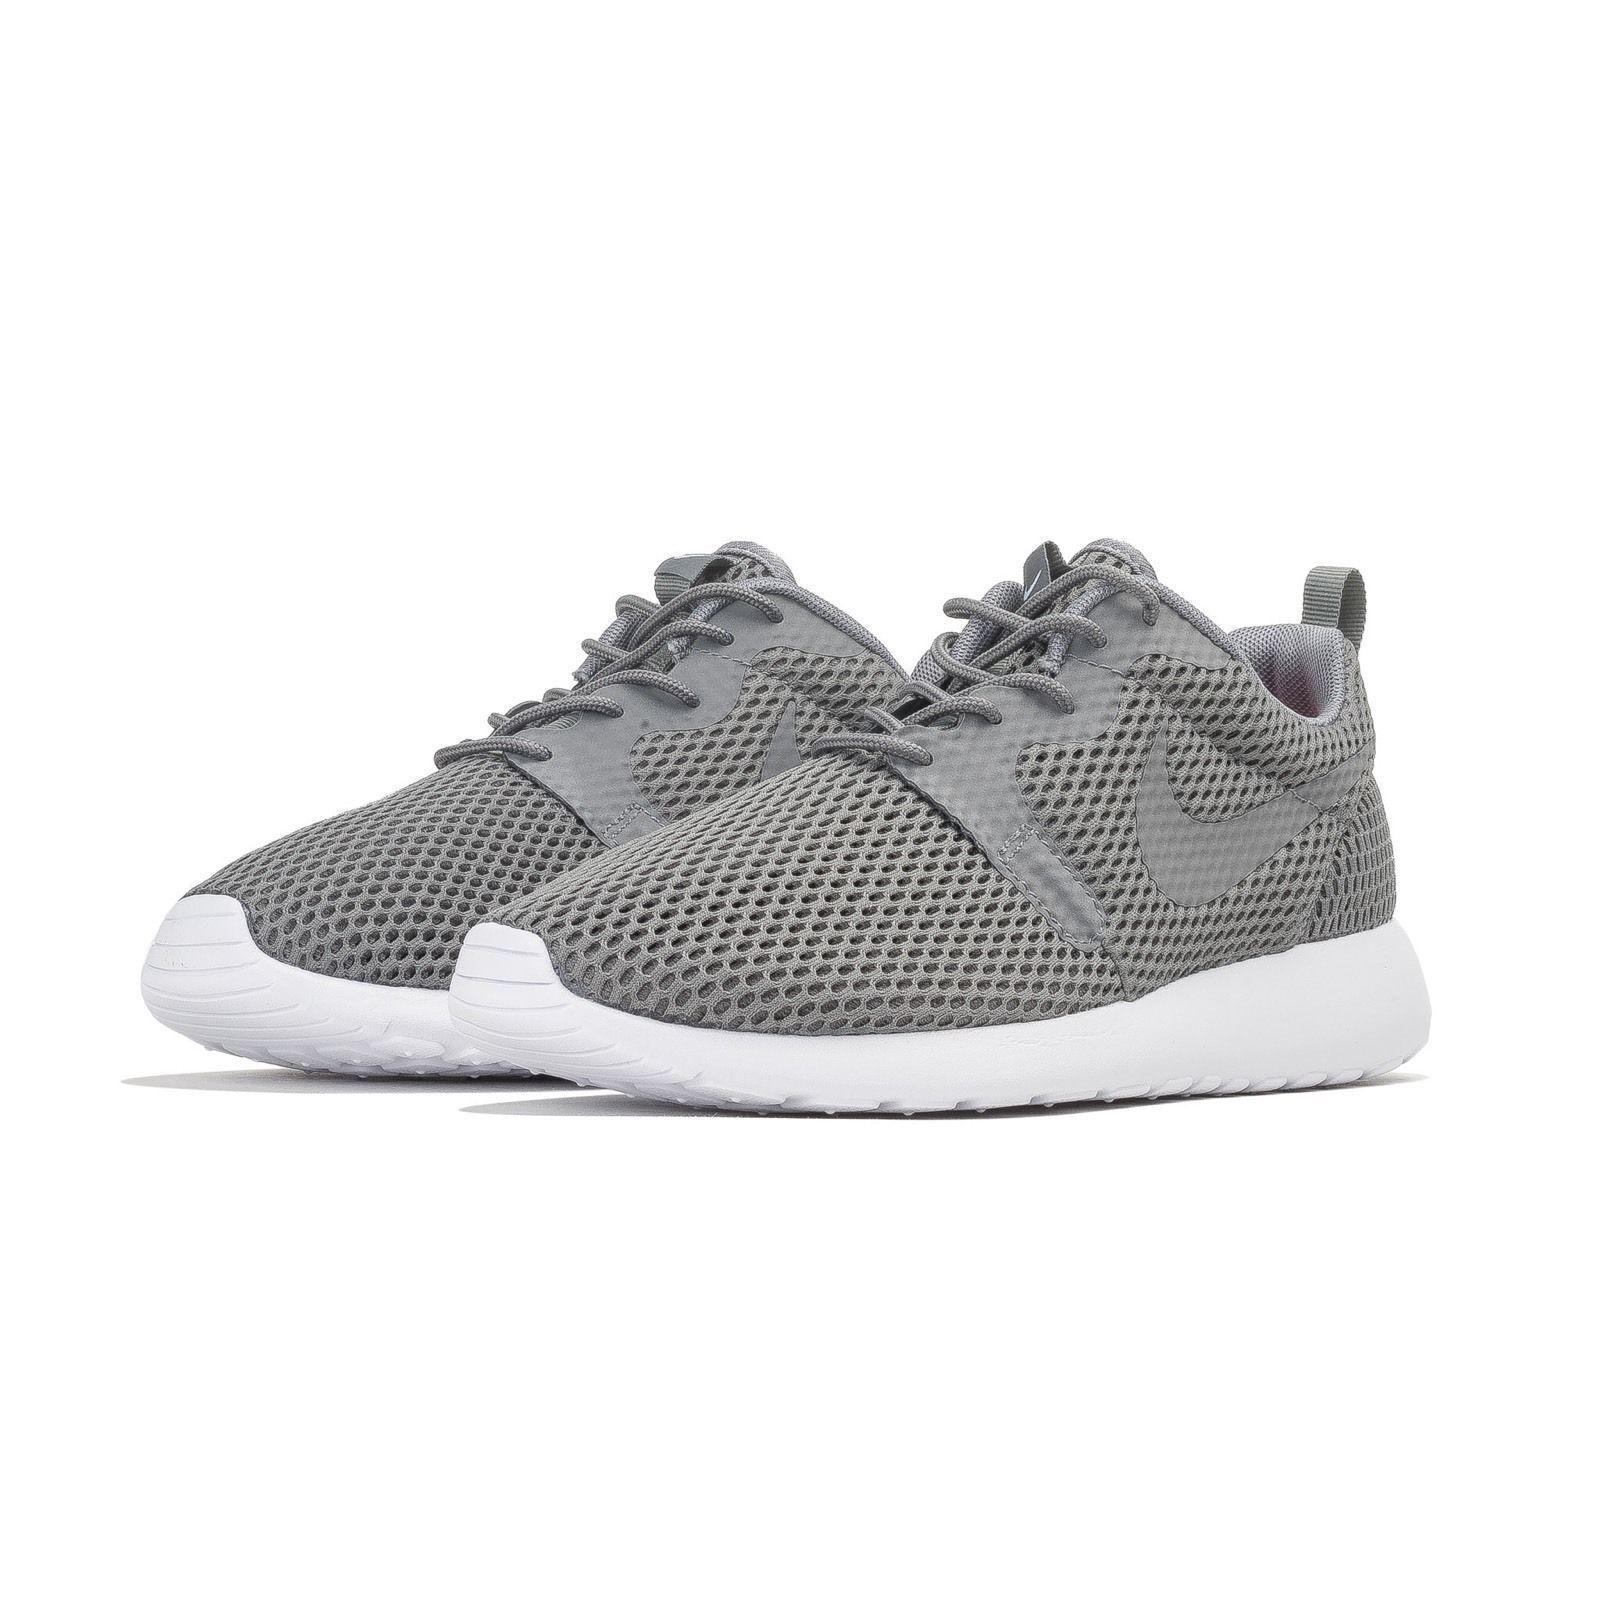 Los hombres de Nike - Roshe BR uno HYP rosherun Hyperfuse BR Roshe gris talla 14 de reducción de precios 833125 002 63e7b9